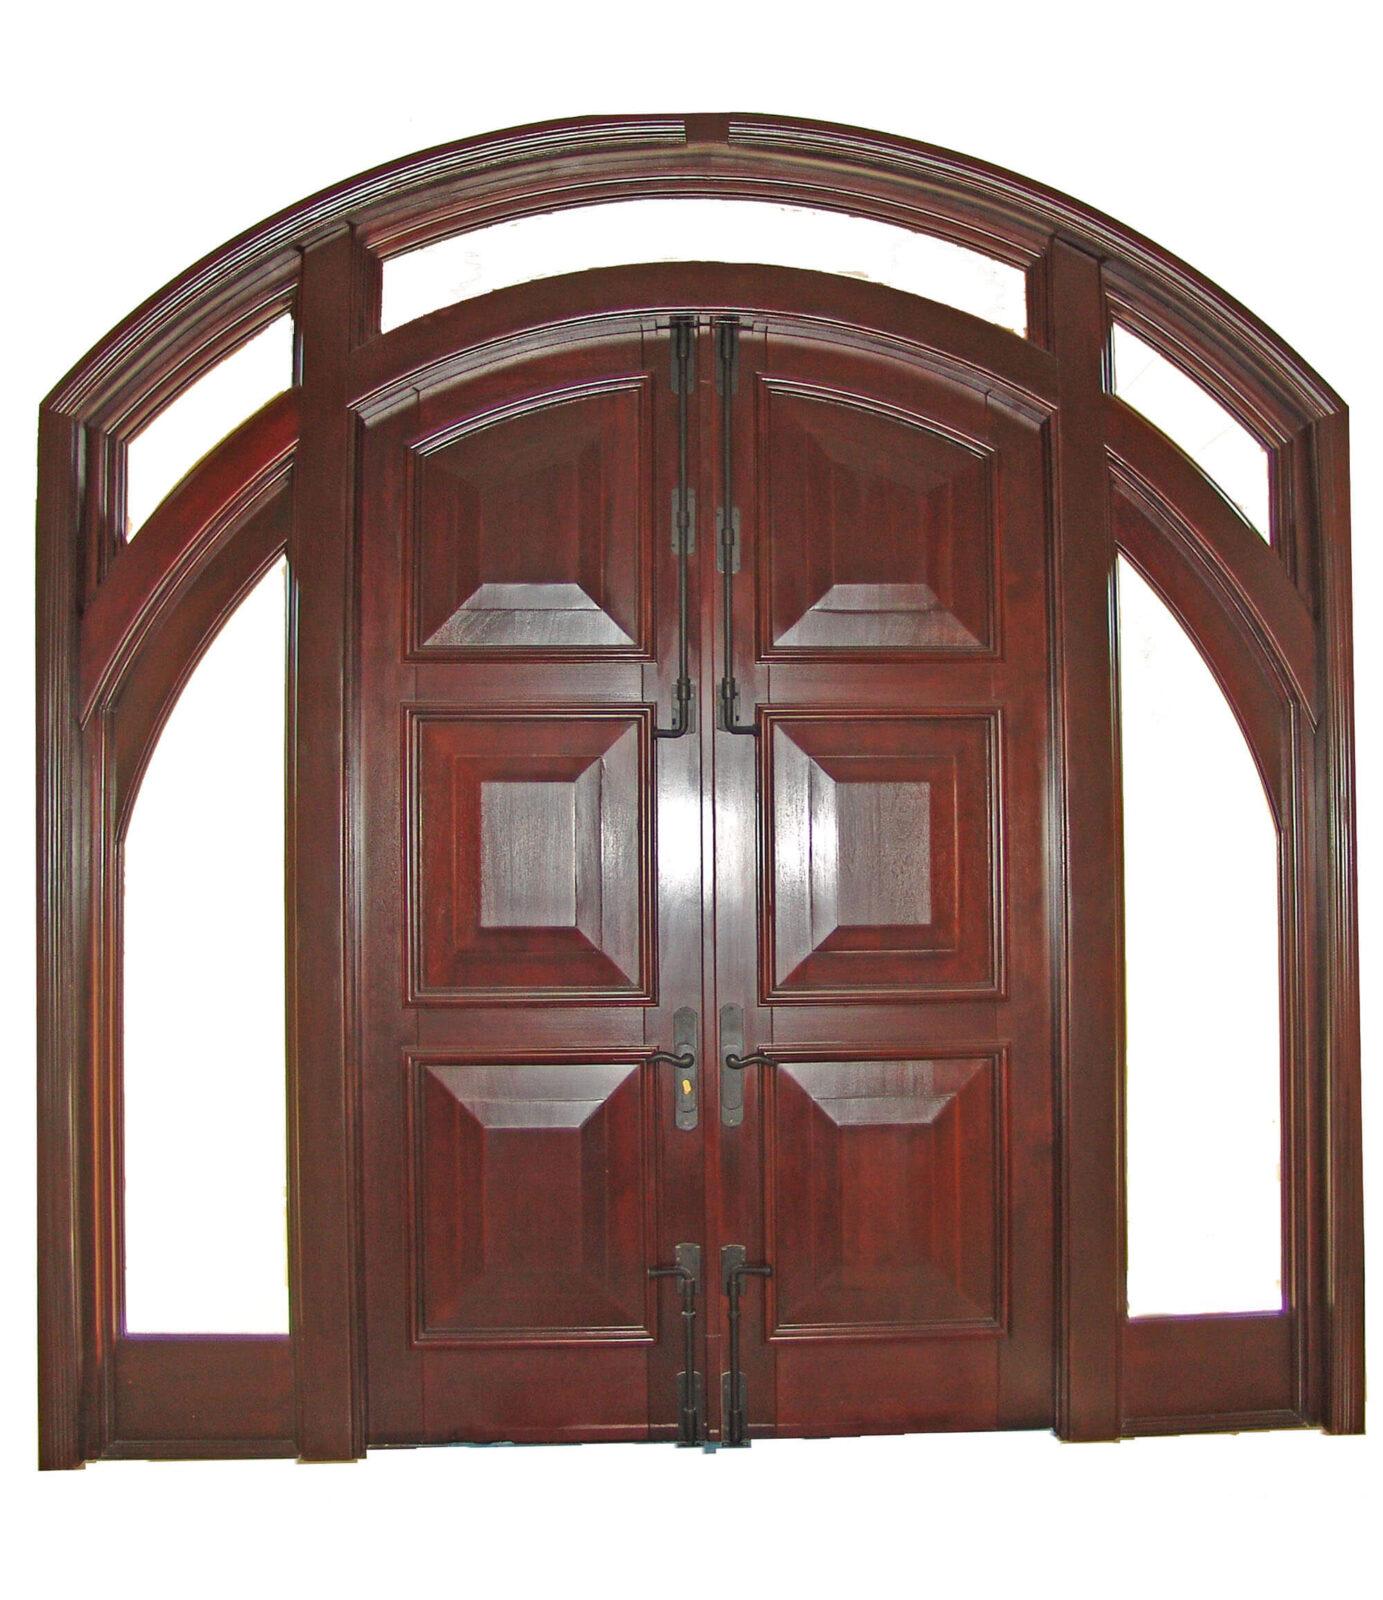 SUNSET POINT KEY MAHOGANY ENTRY DOORS INTERIOR